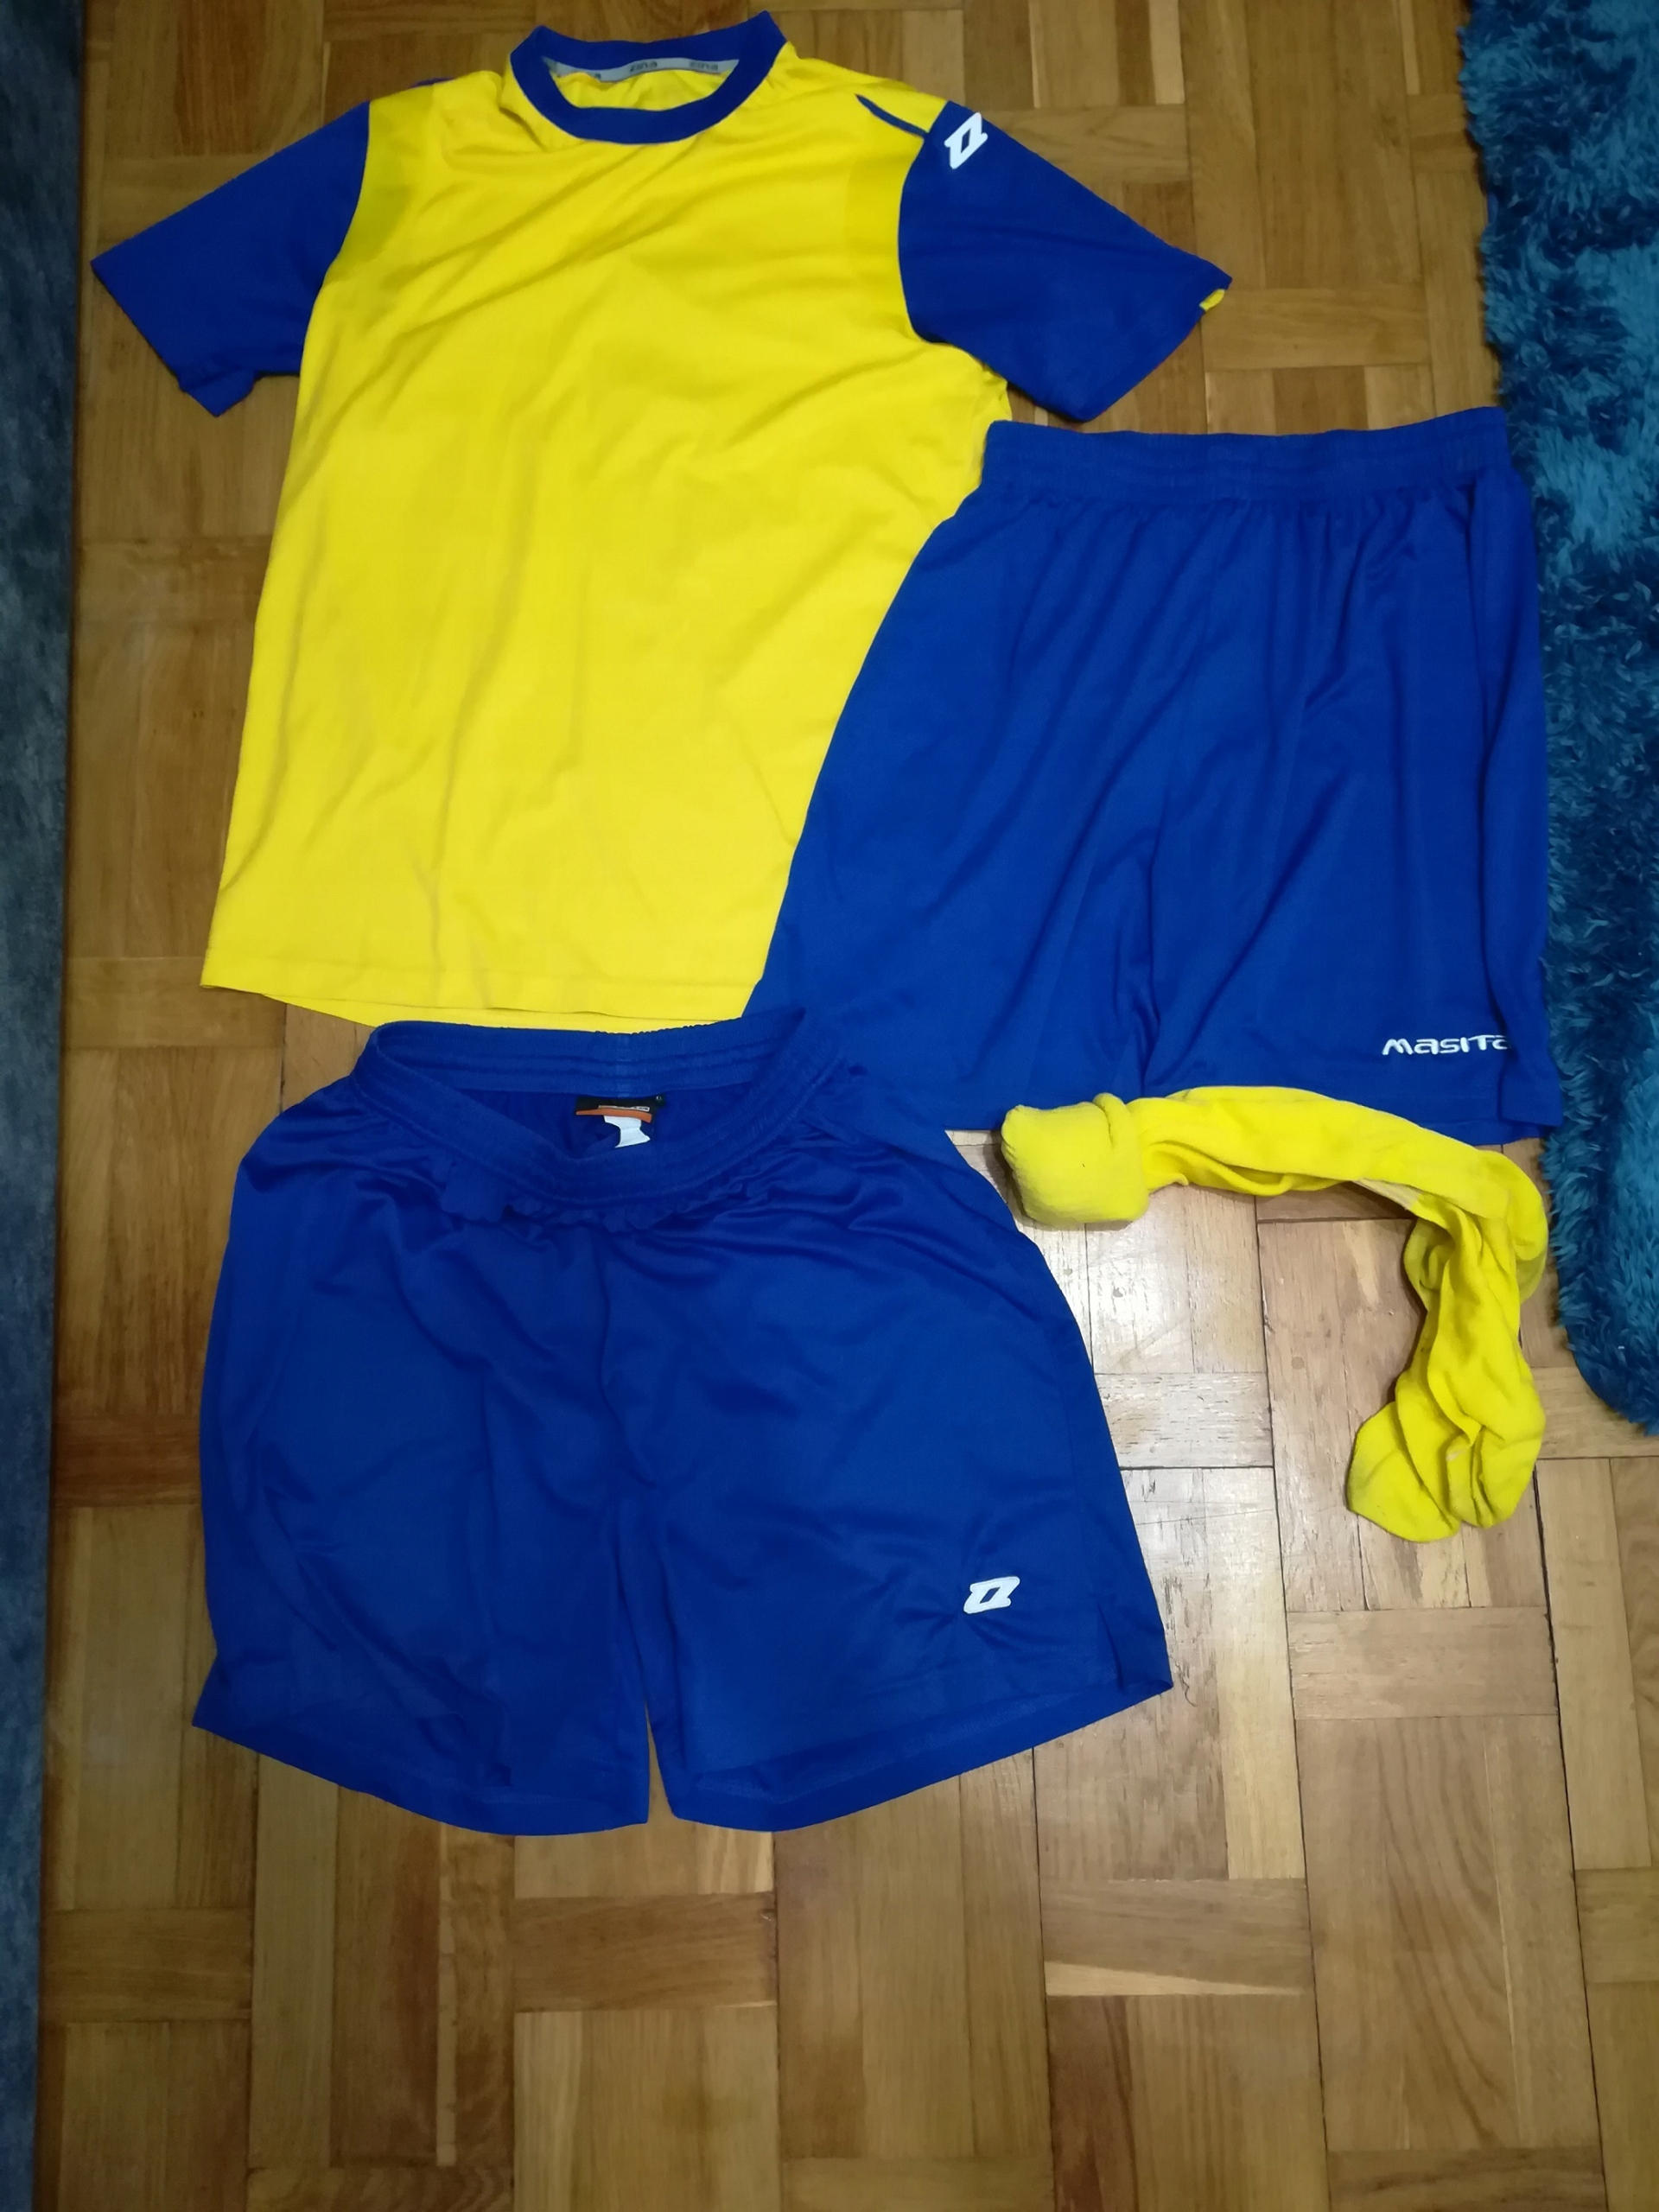 Zestaw ubrań sportowych rozmiar S/M getry